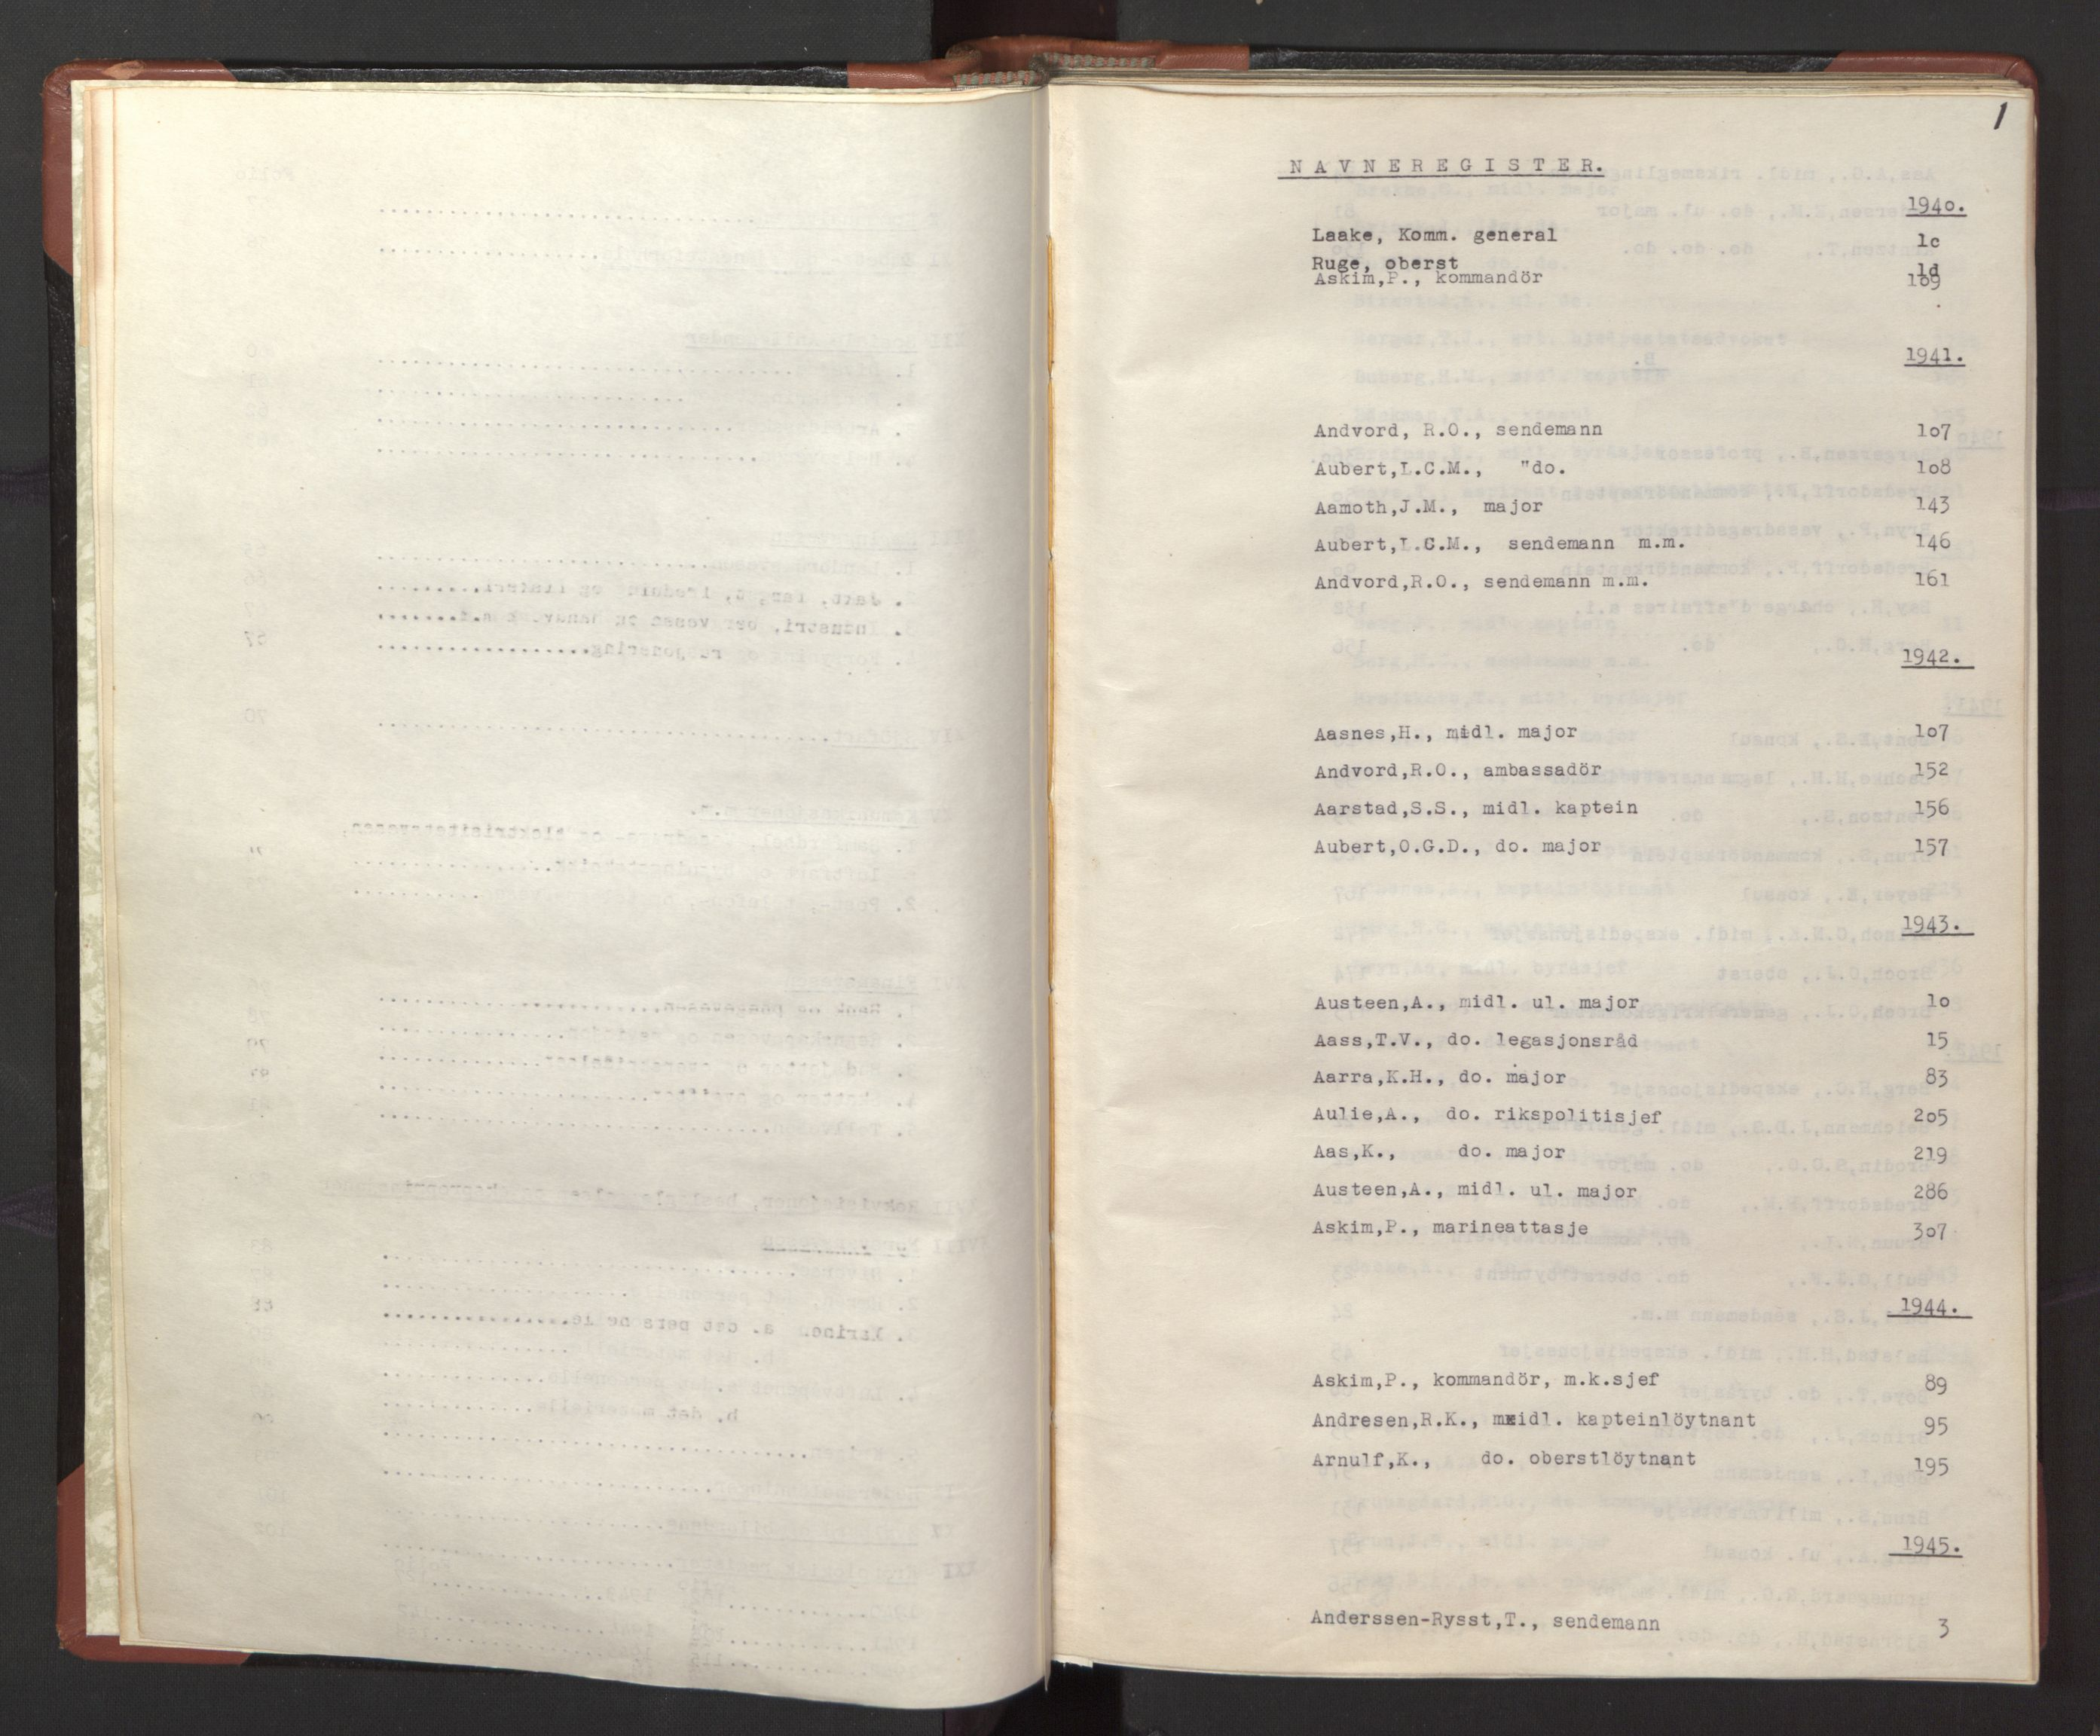 RA, Statsrådssekretariatet, A/Ac/L0127: Register 9/4-25/5, 1940-1945, s. 1